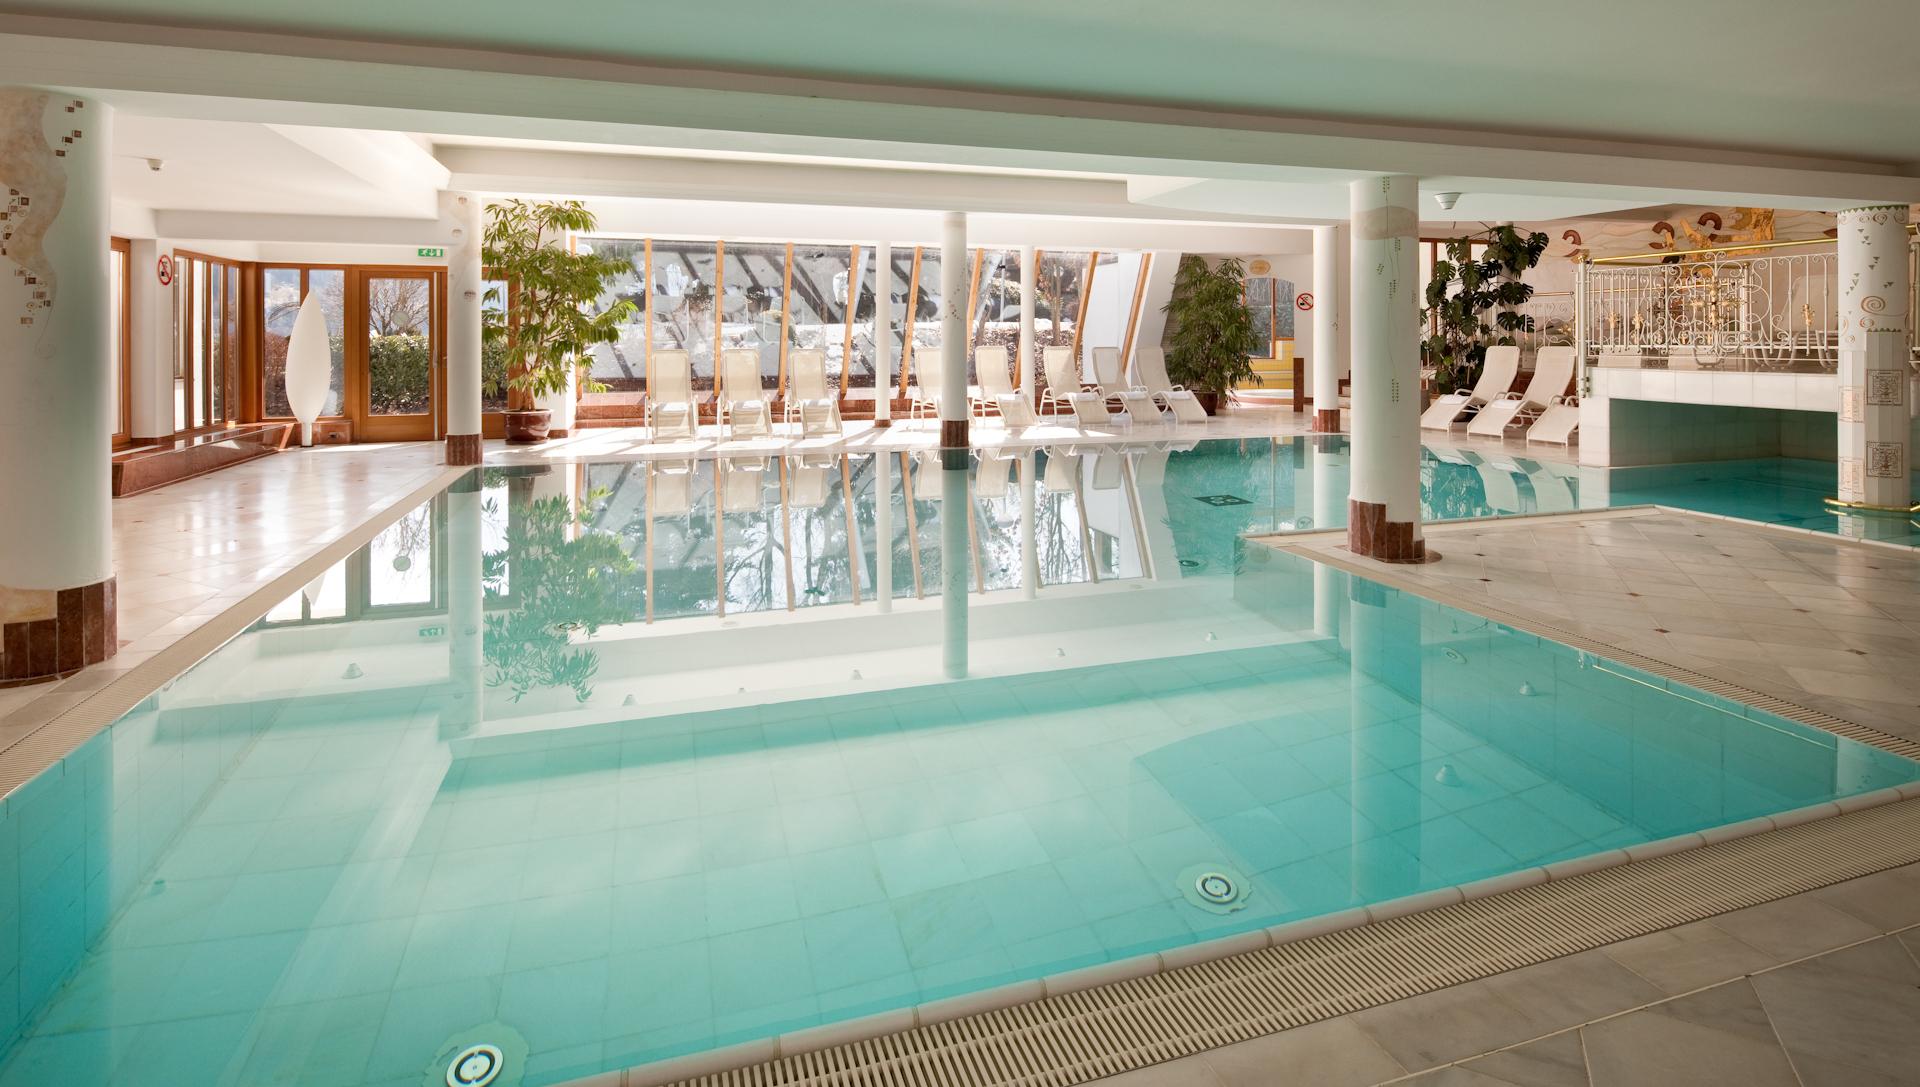 Design#5001643: Gartenhotel crystal ? die erste wahl im zillertal | busreisen .... Design Des Swimmingpools Richtig Wahlen